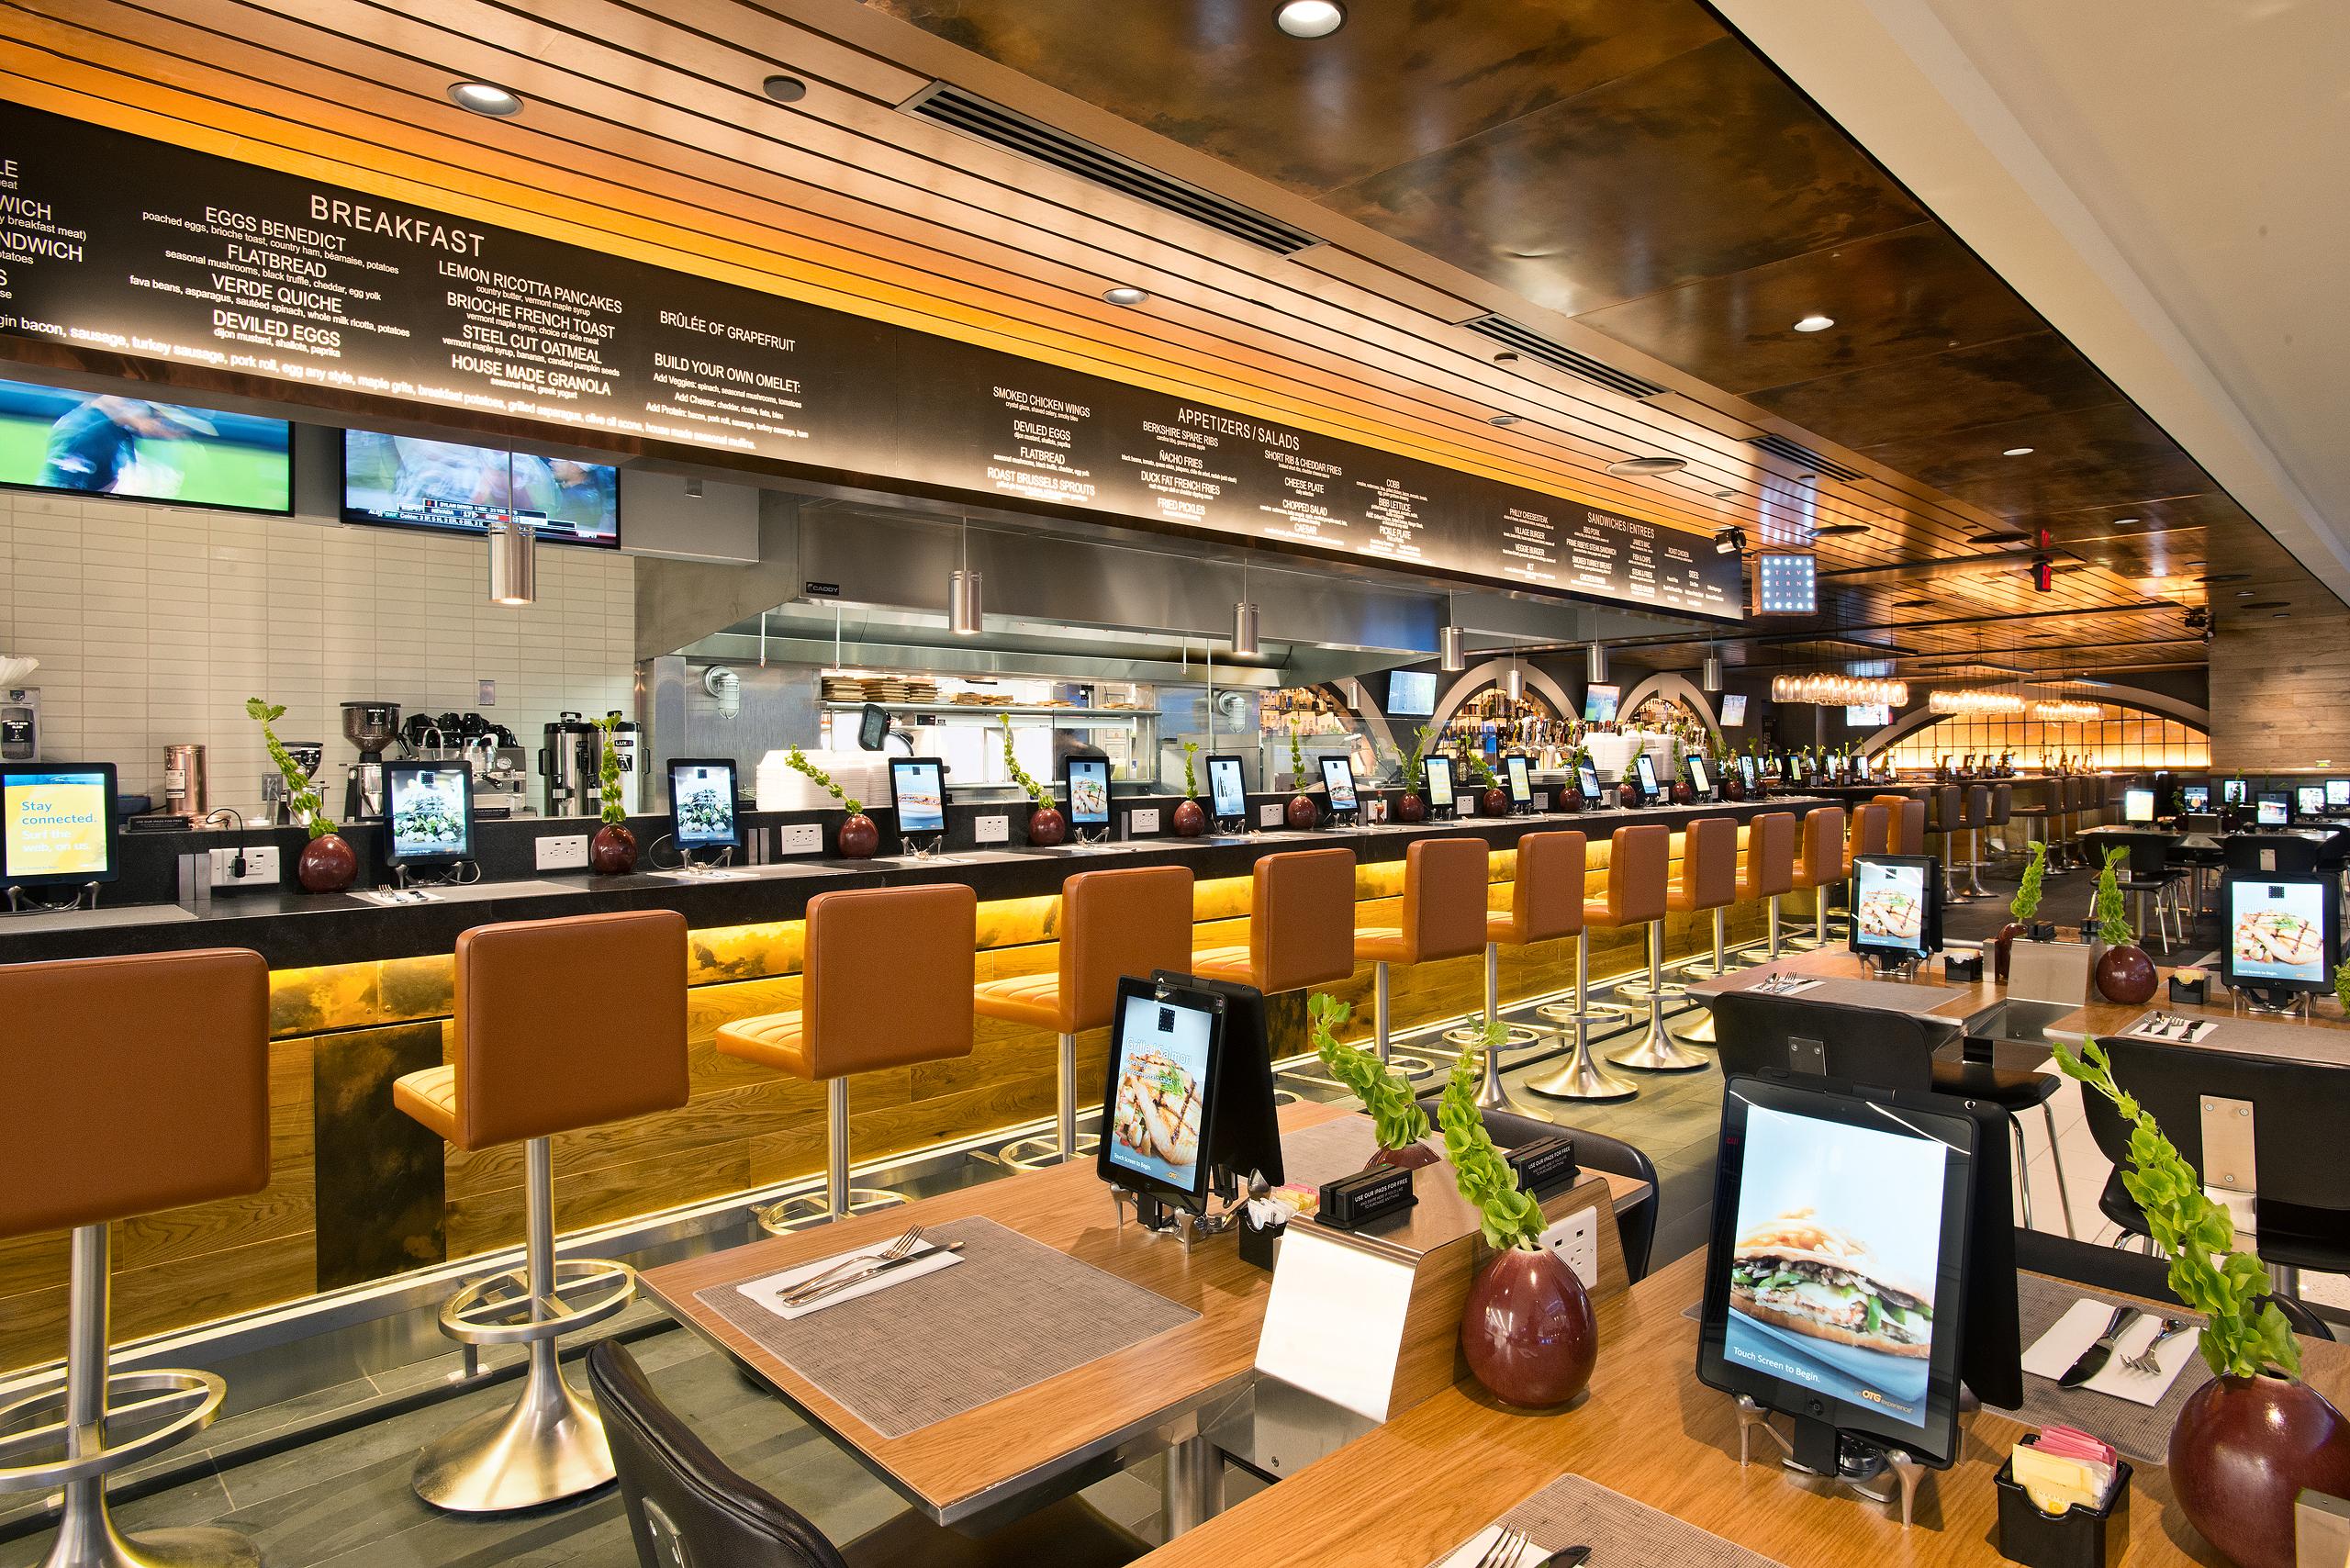 Good Restaurants Near Phl Airport